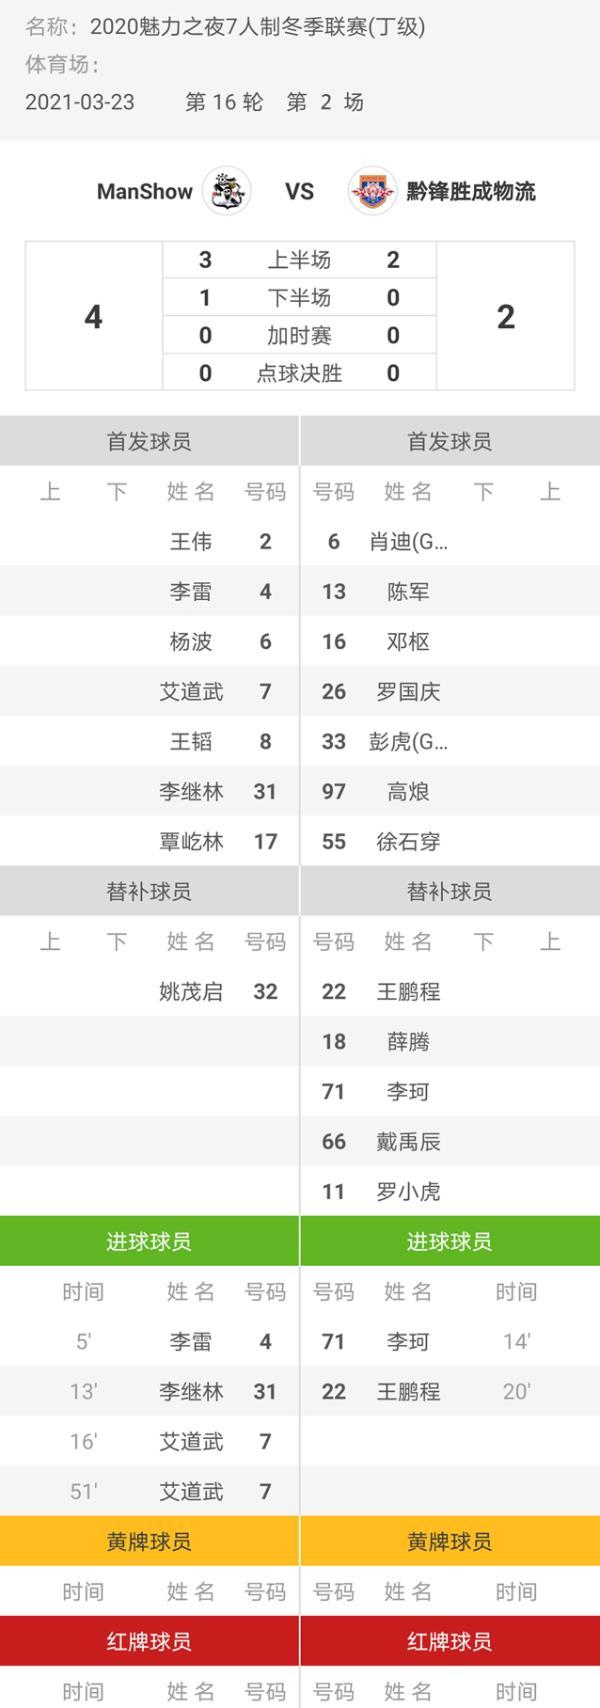 魅力之夜2020赛季7人制足球冬季联赛 ManShow4-2黔锋胜成物流